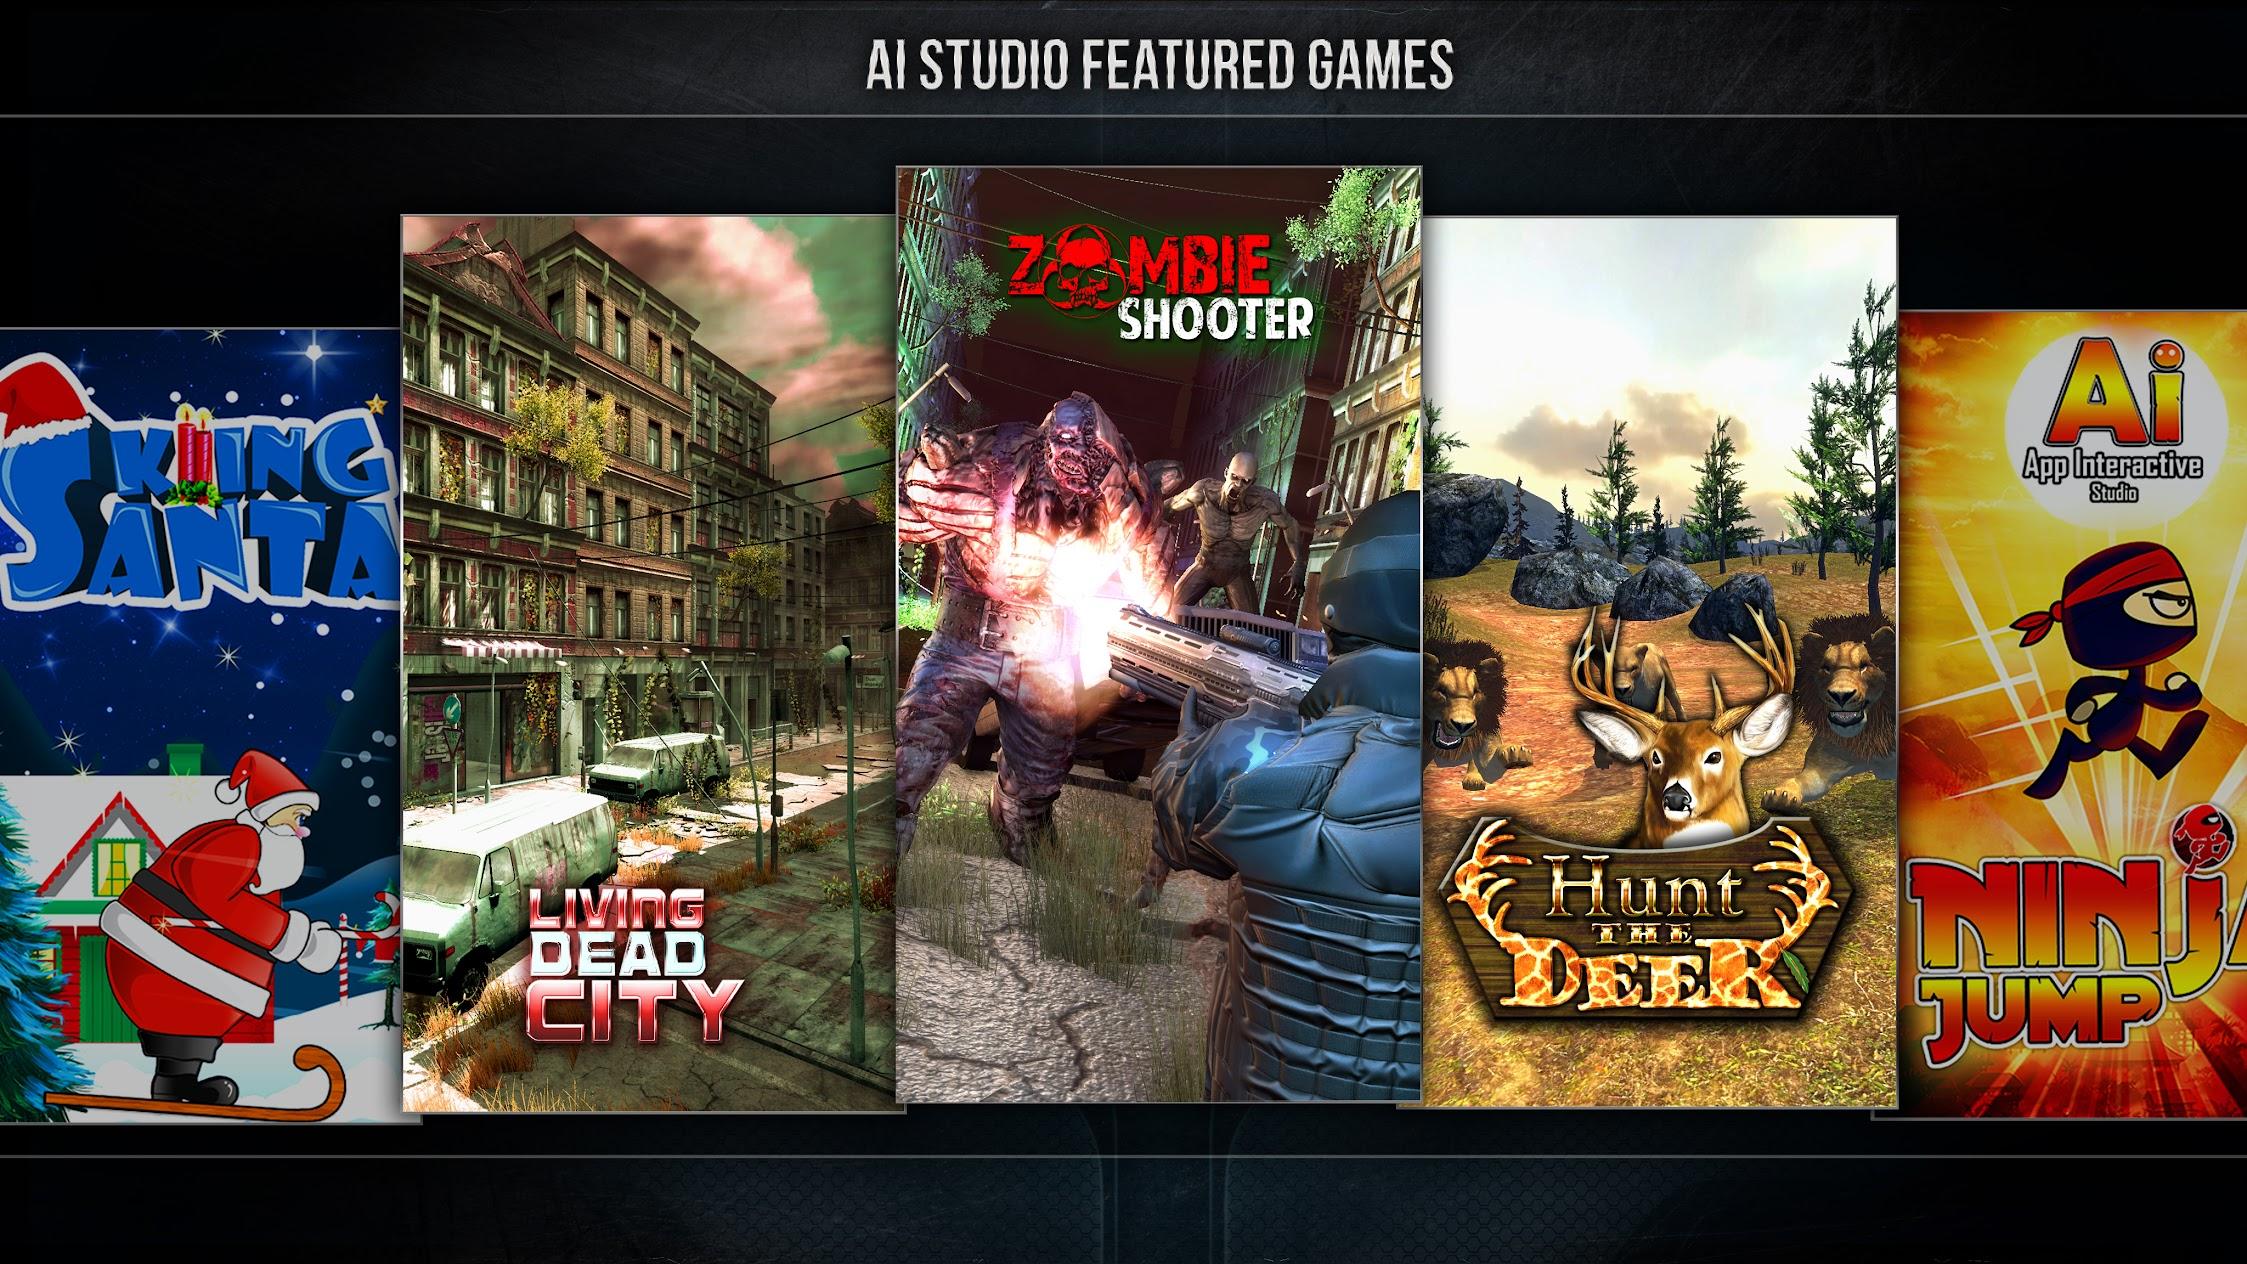 App Interactive Studio